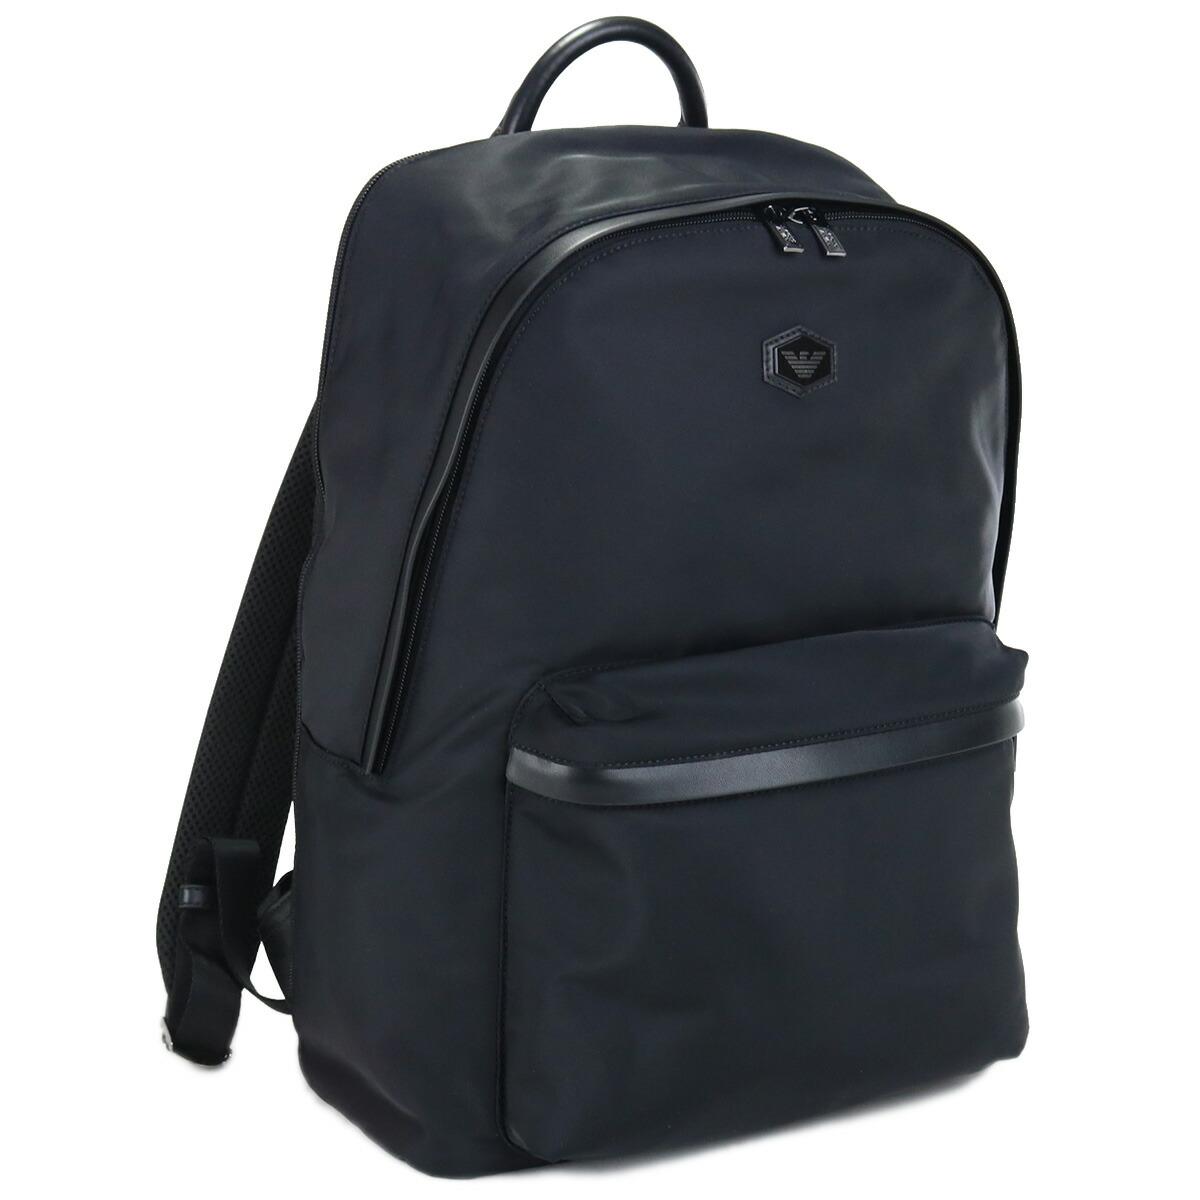 エンポリオ・アルマーニ EMPORIO ARMANI  リュック ブランドバッグ Y4O348 Y091J 81072 BLACK ブラック bag-01